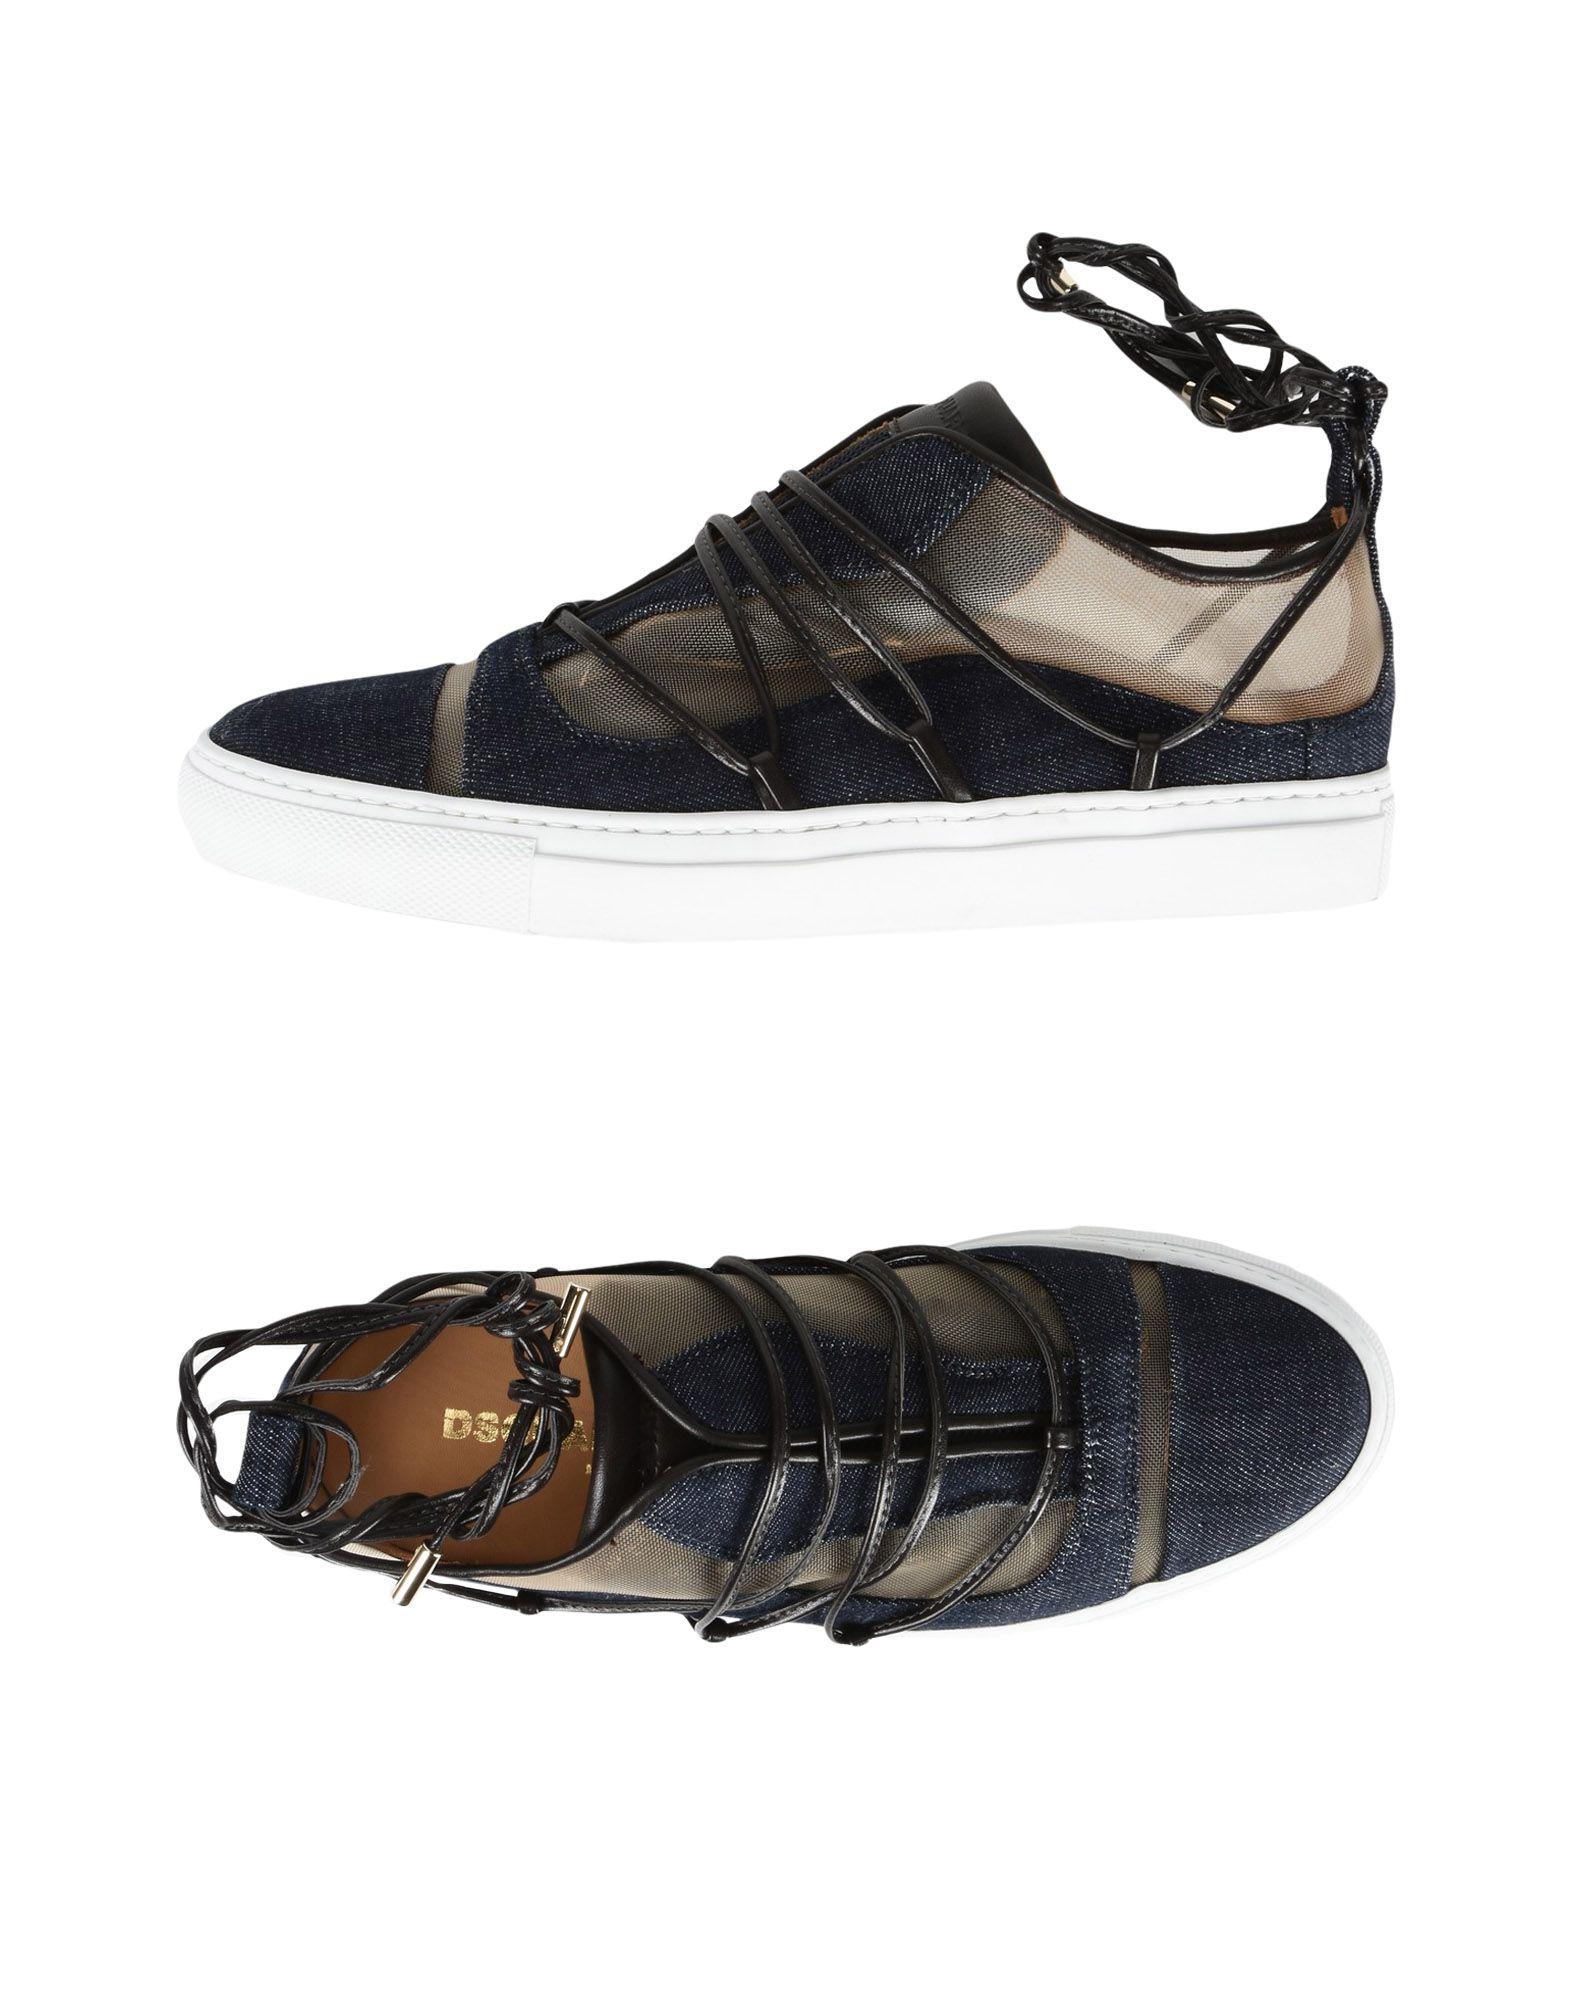 Gut um Damen billige Schuhe zu tragenDsquared2 Sneakers Damen um  11441953XT 74a58d